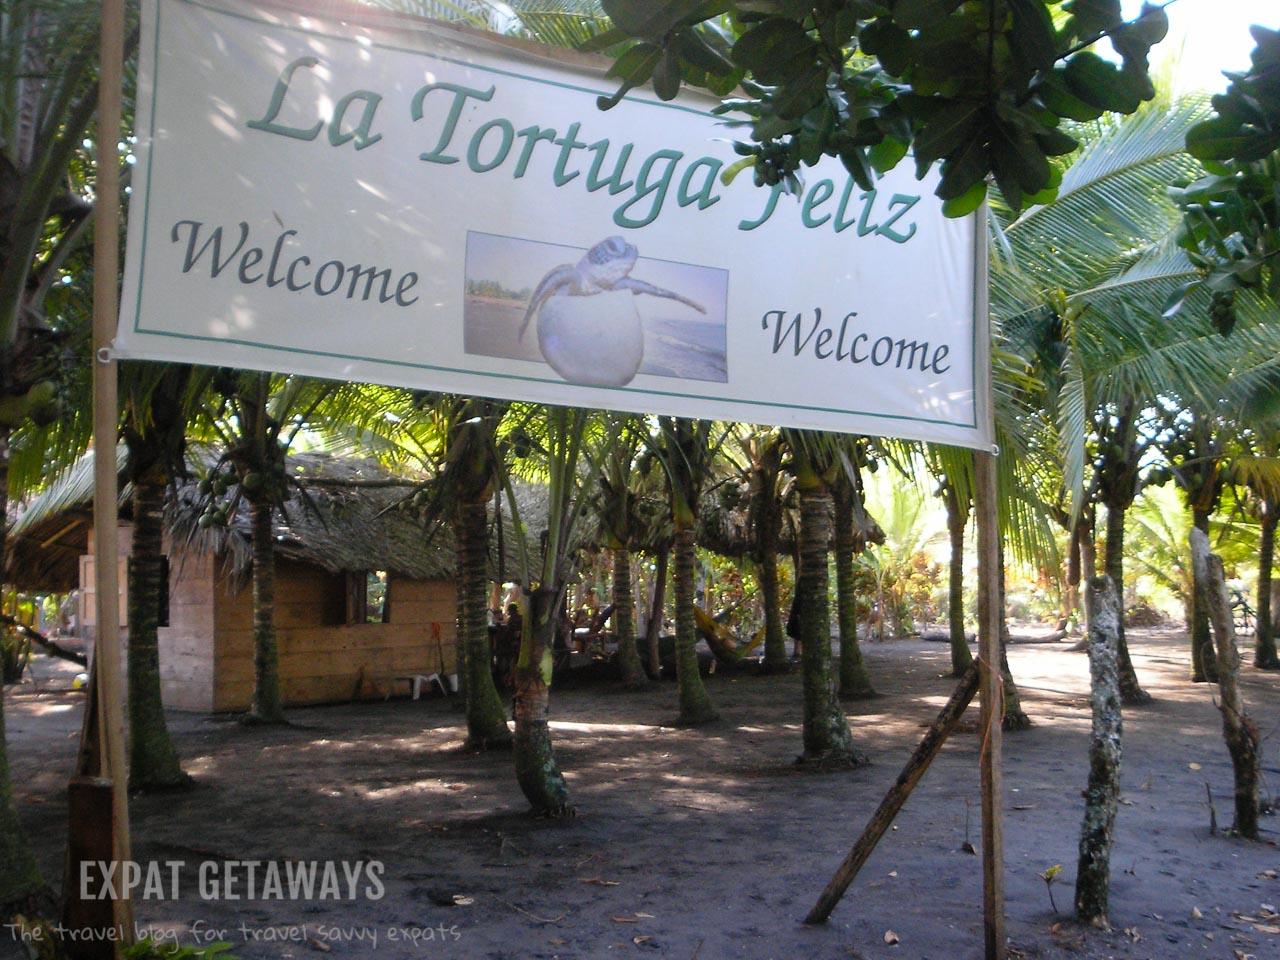 La Tortuga Feliz, Costa Rica in 2007